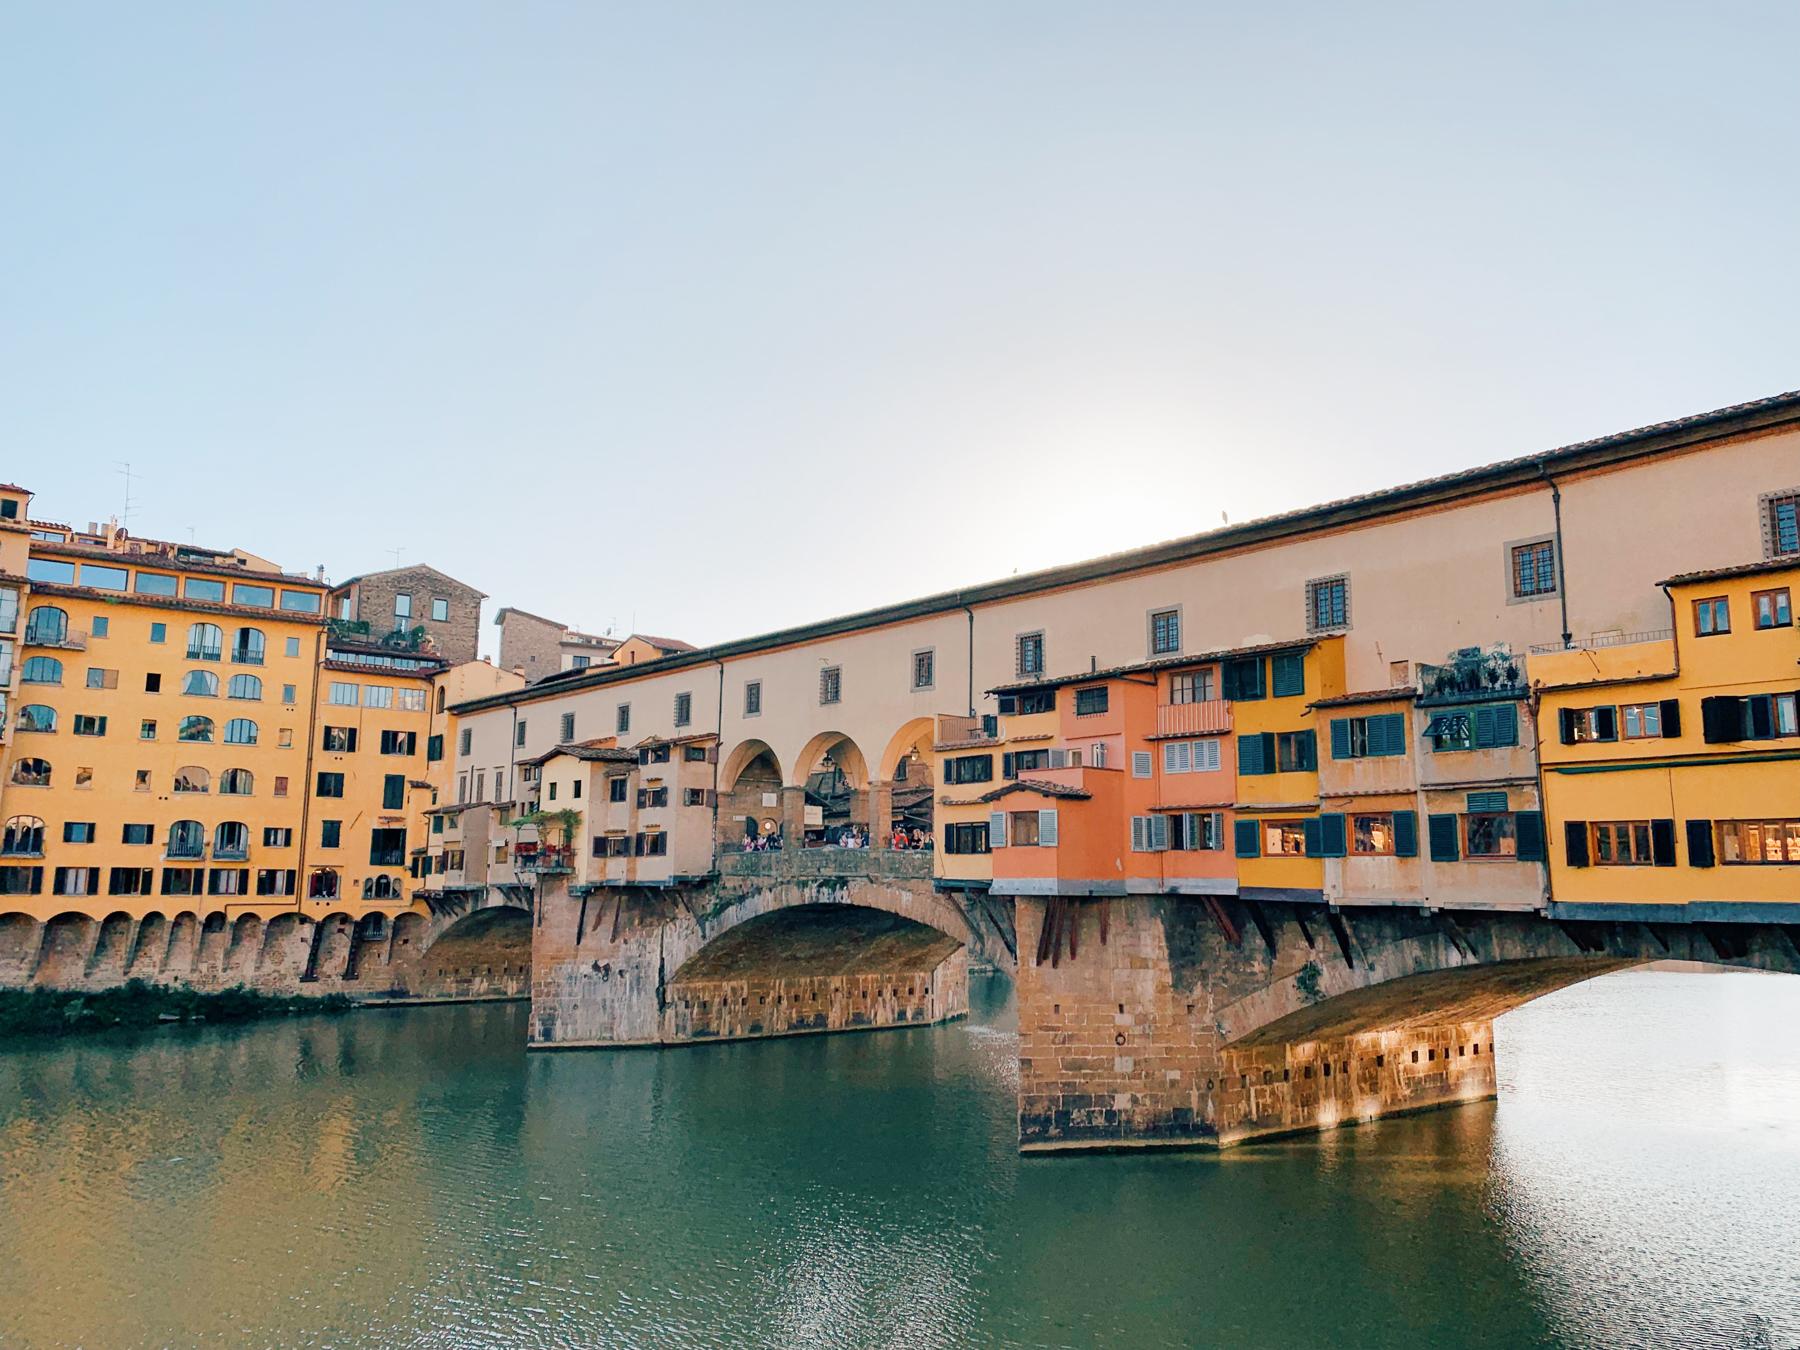 The famous Ponte Vecchio!